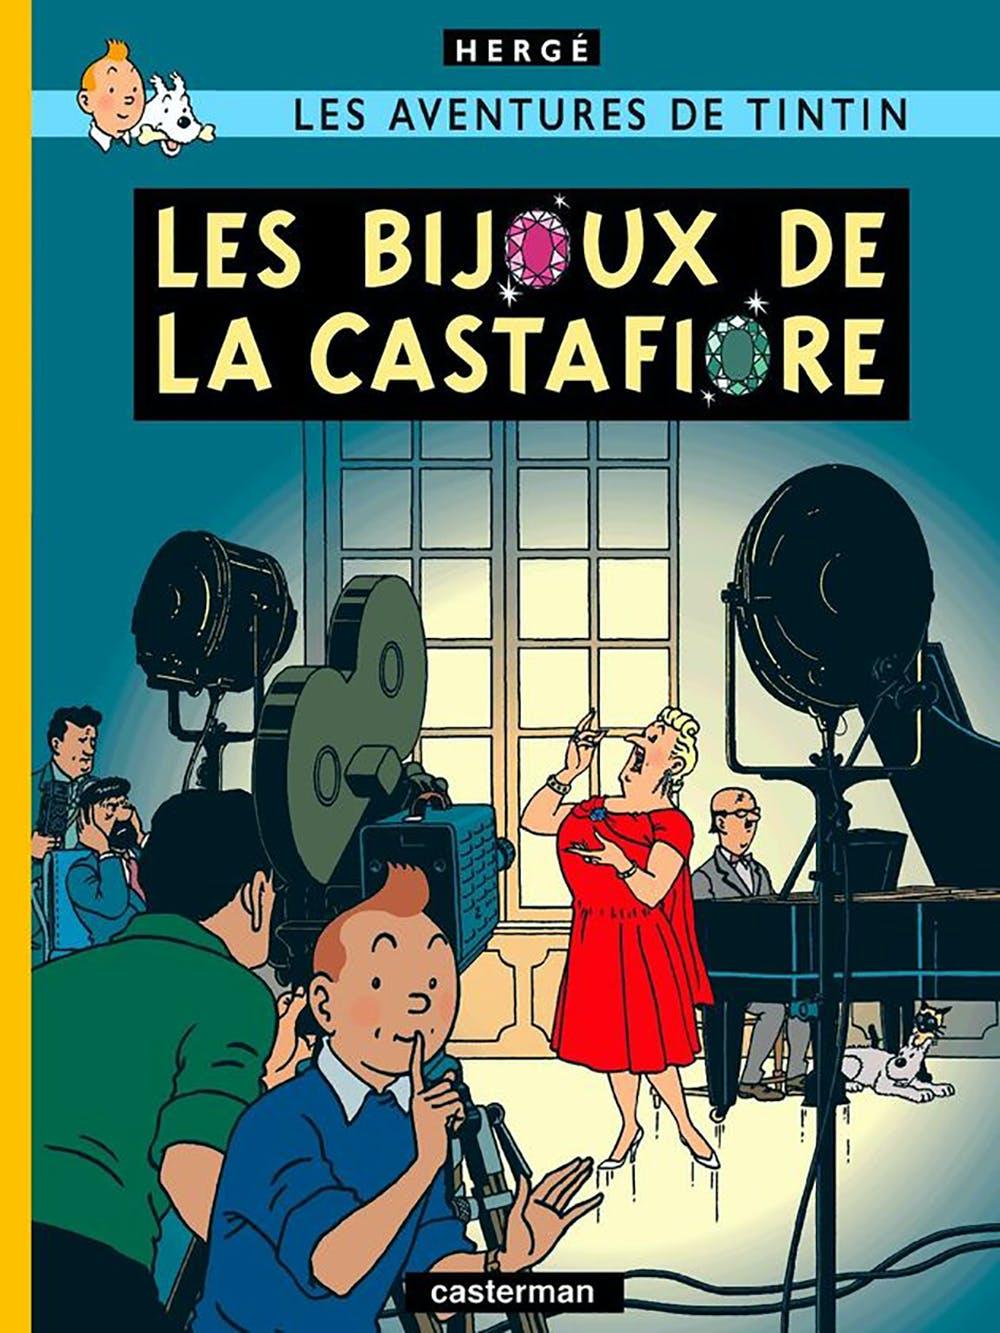 couverture BD Les aventures deTintin : les bijoux de la castafiore